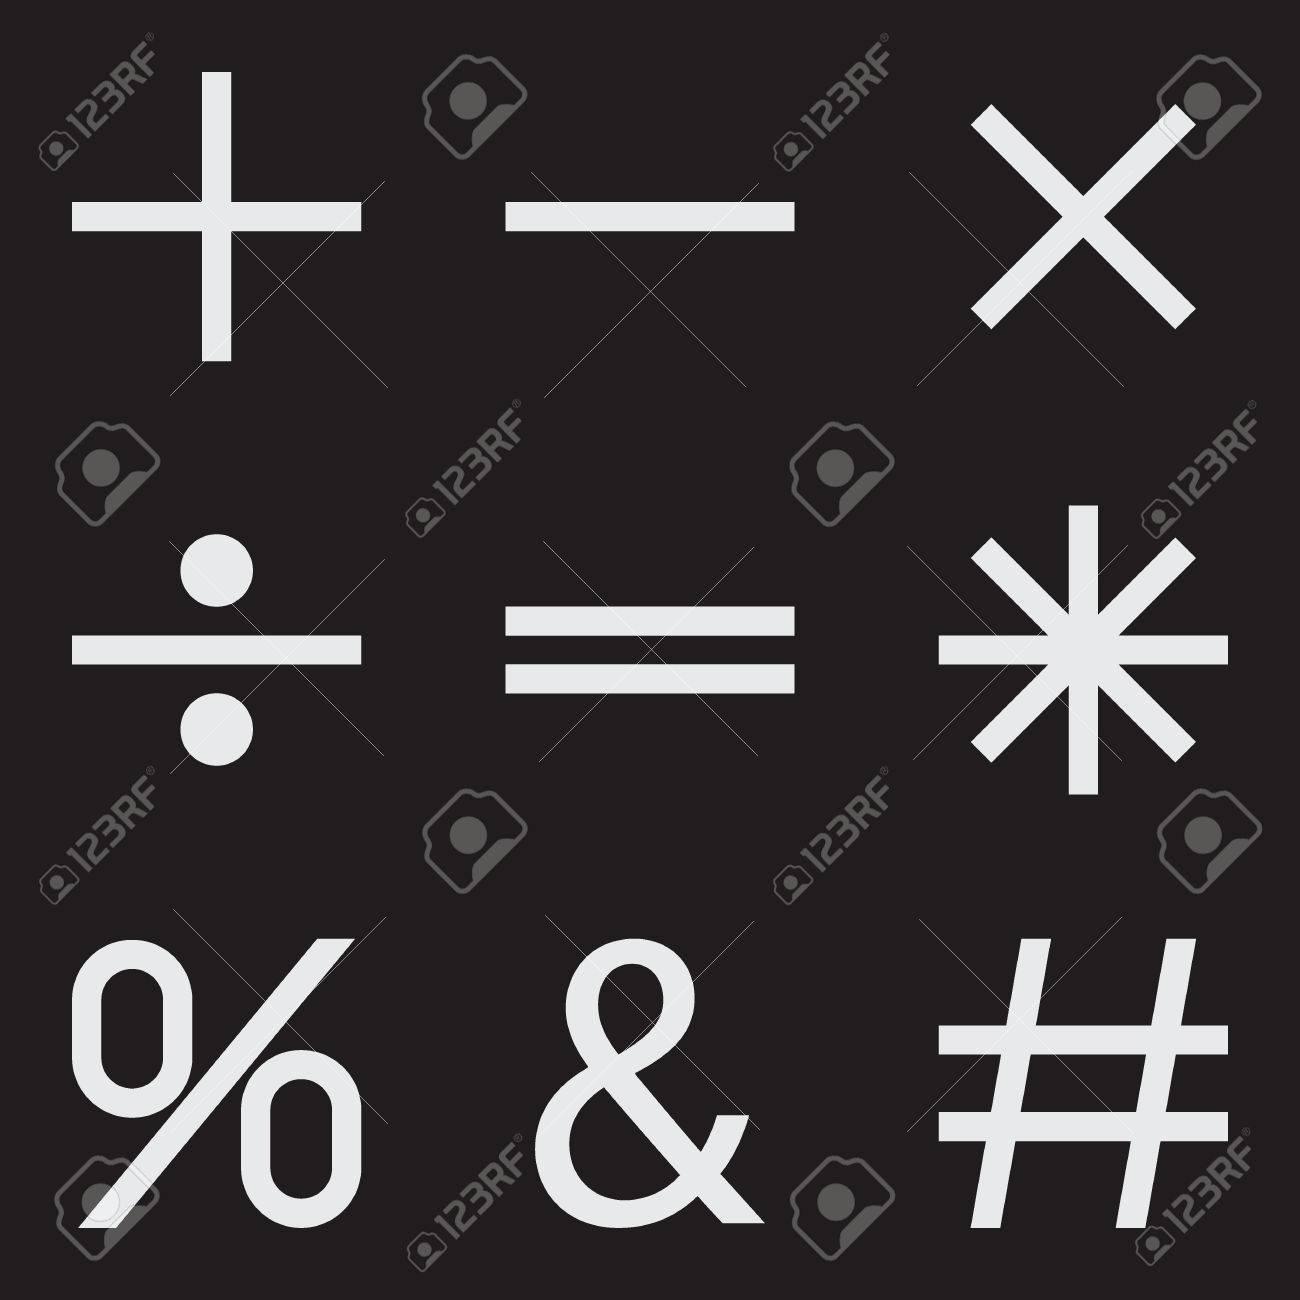 Basic Mathematical Symbols On Black Background Vector Illustration